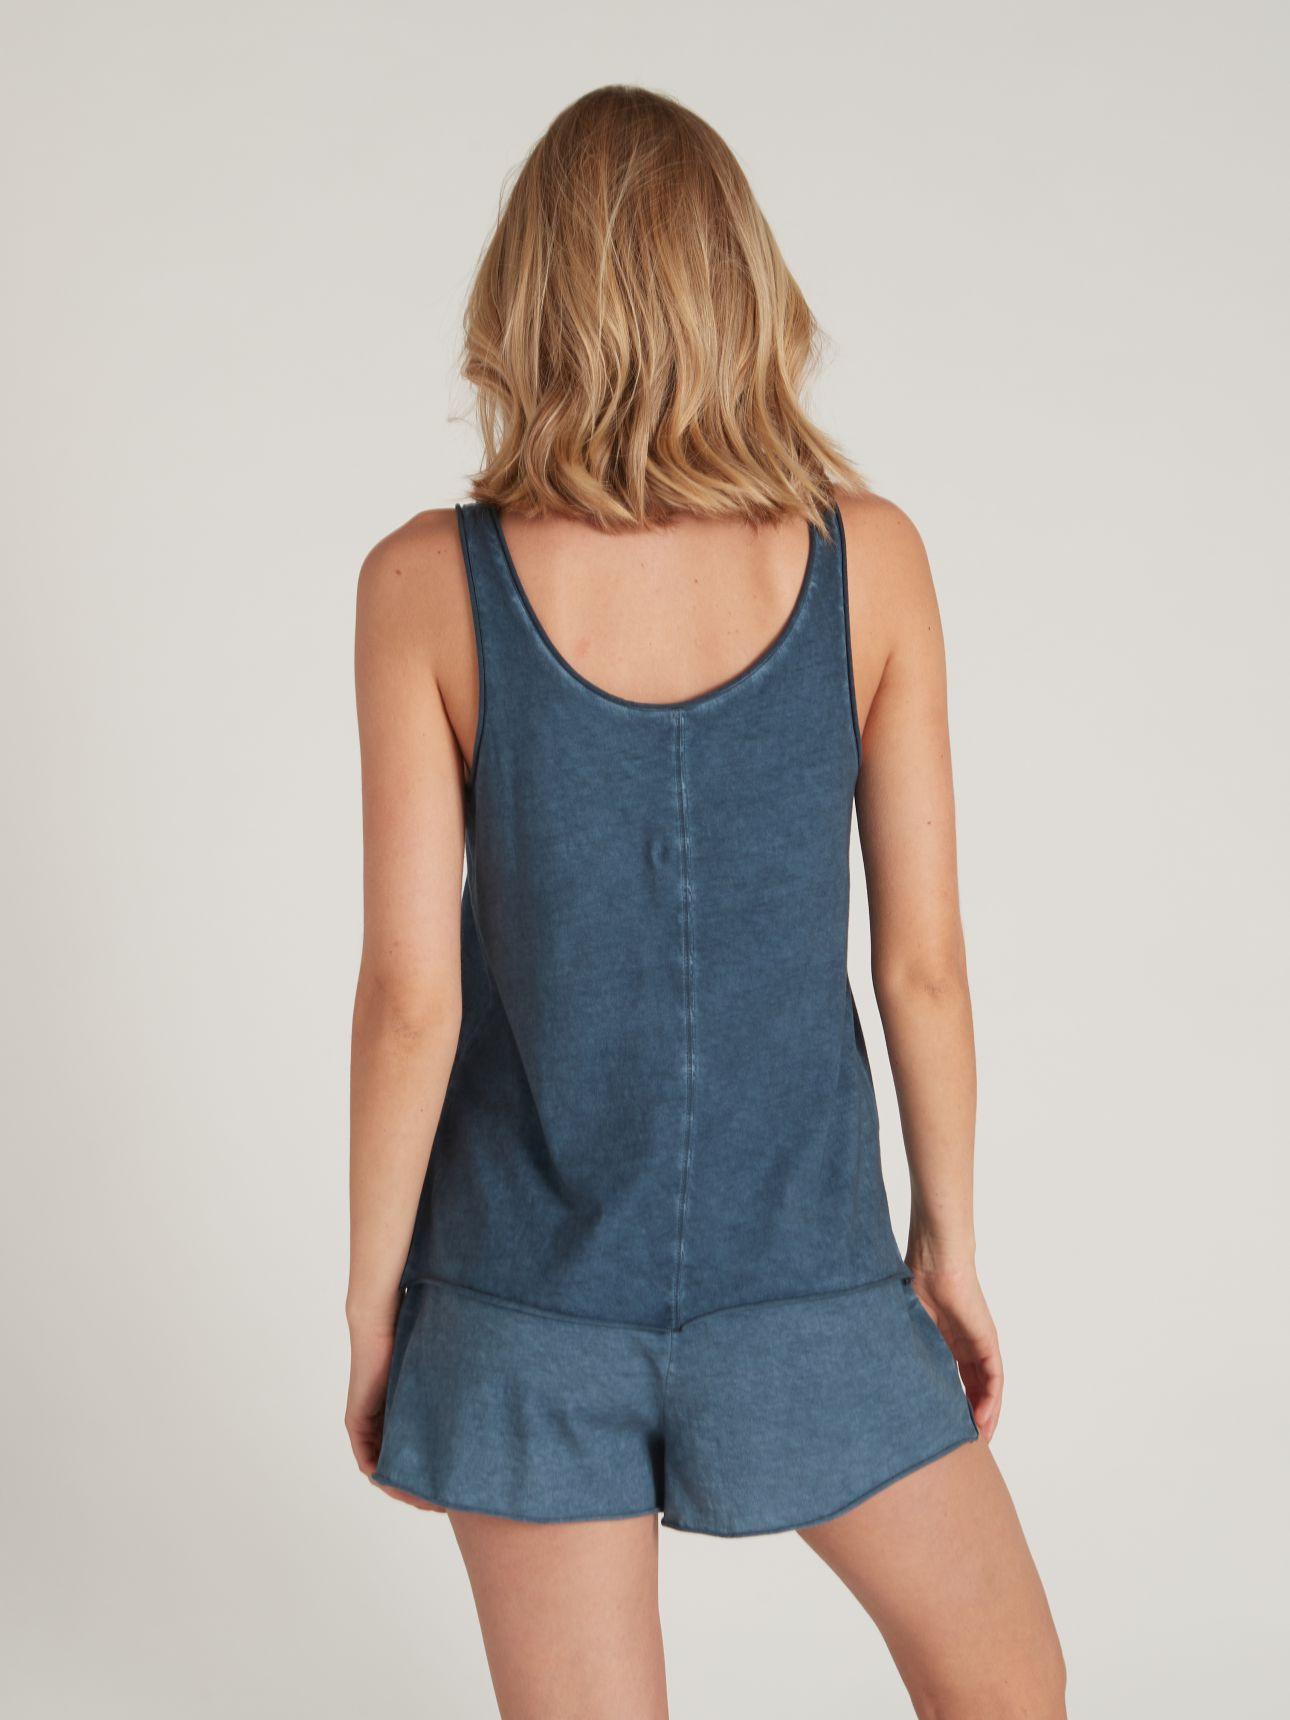 מכנסיים קצרים ROMI בצבע כחול אוקיינוס